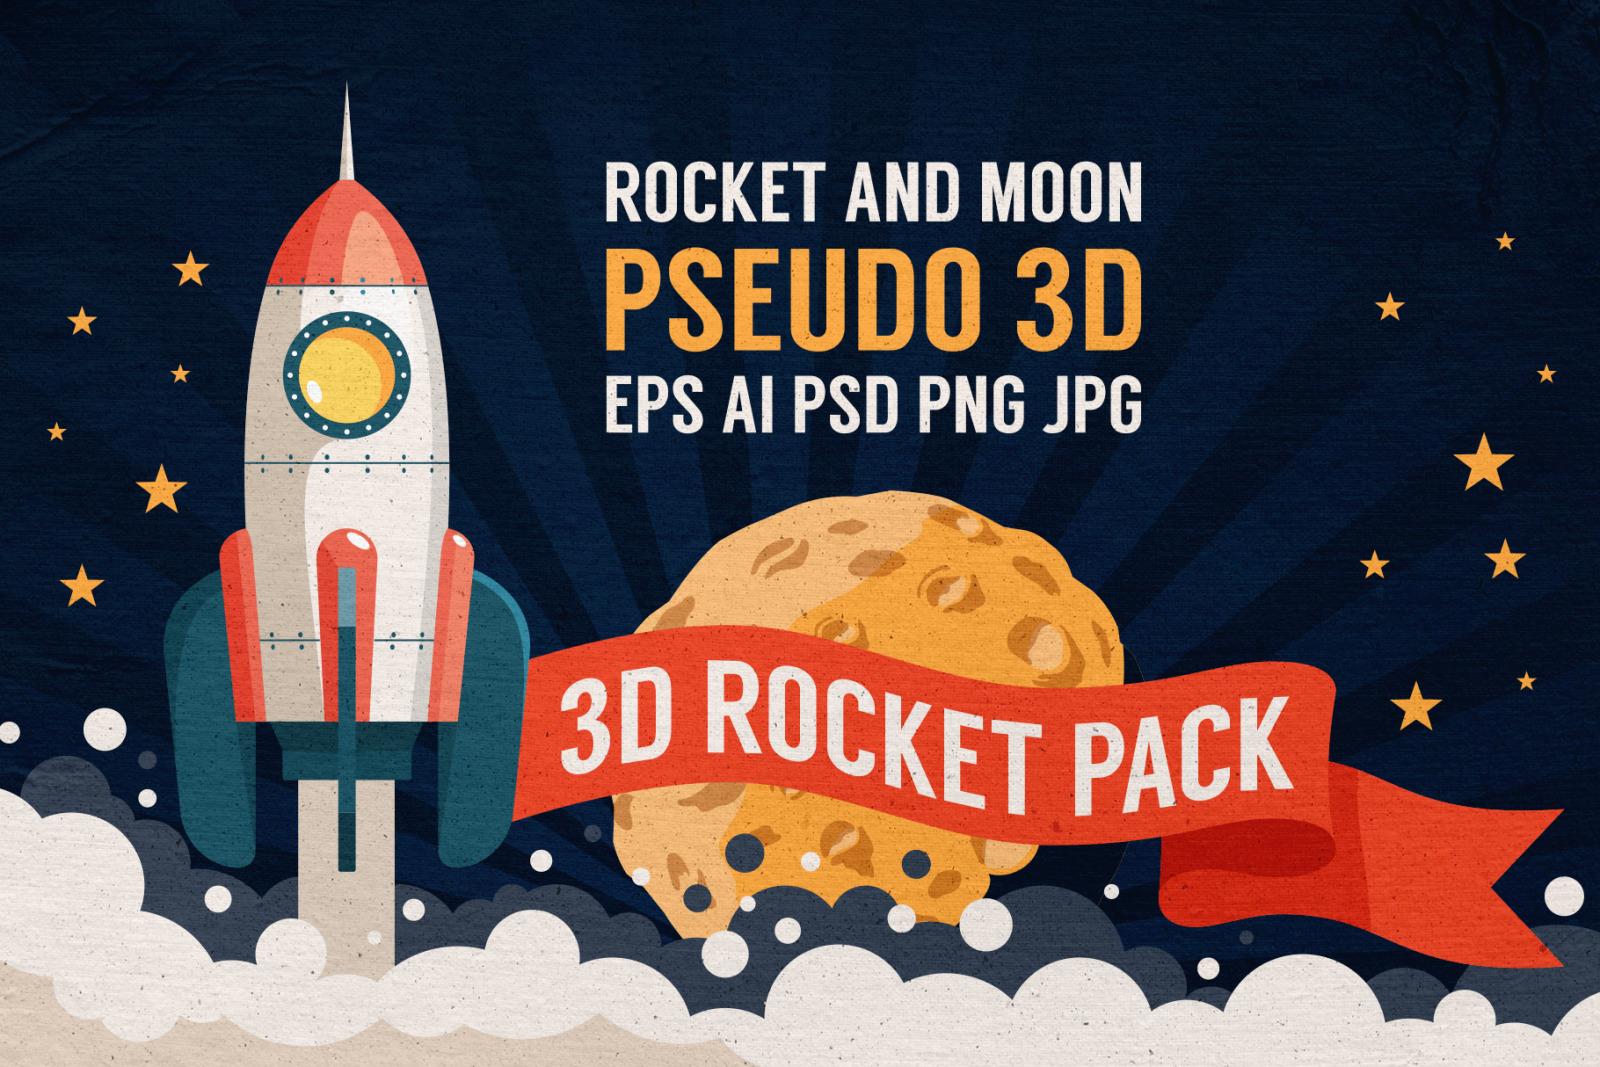 3d Rocket Pack